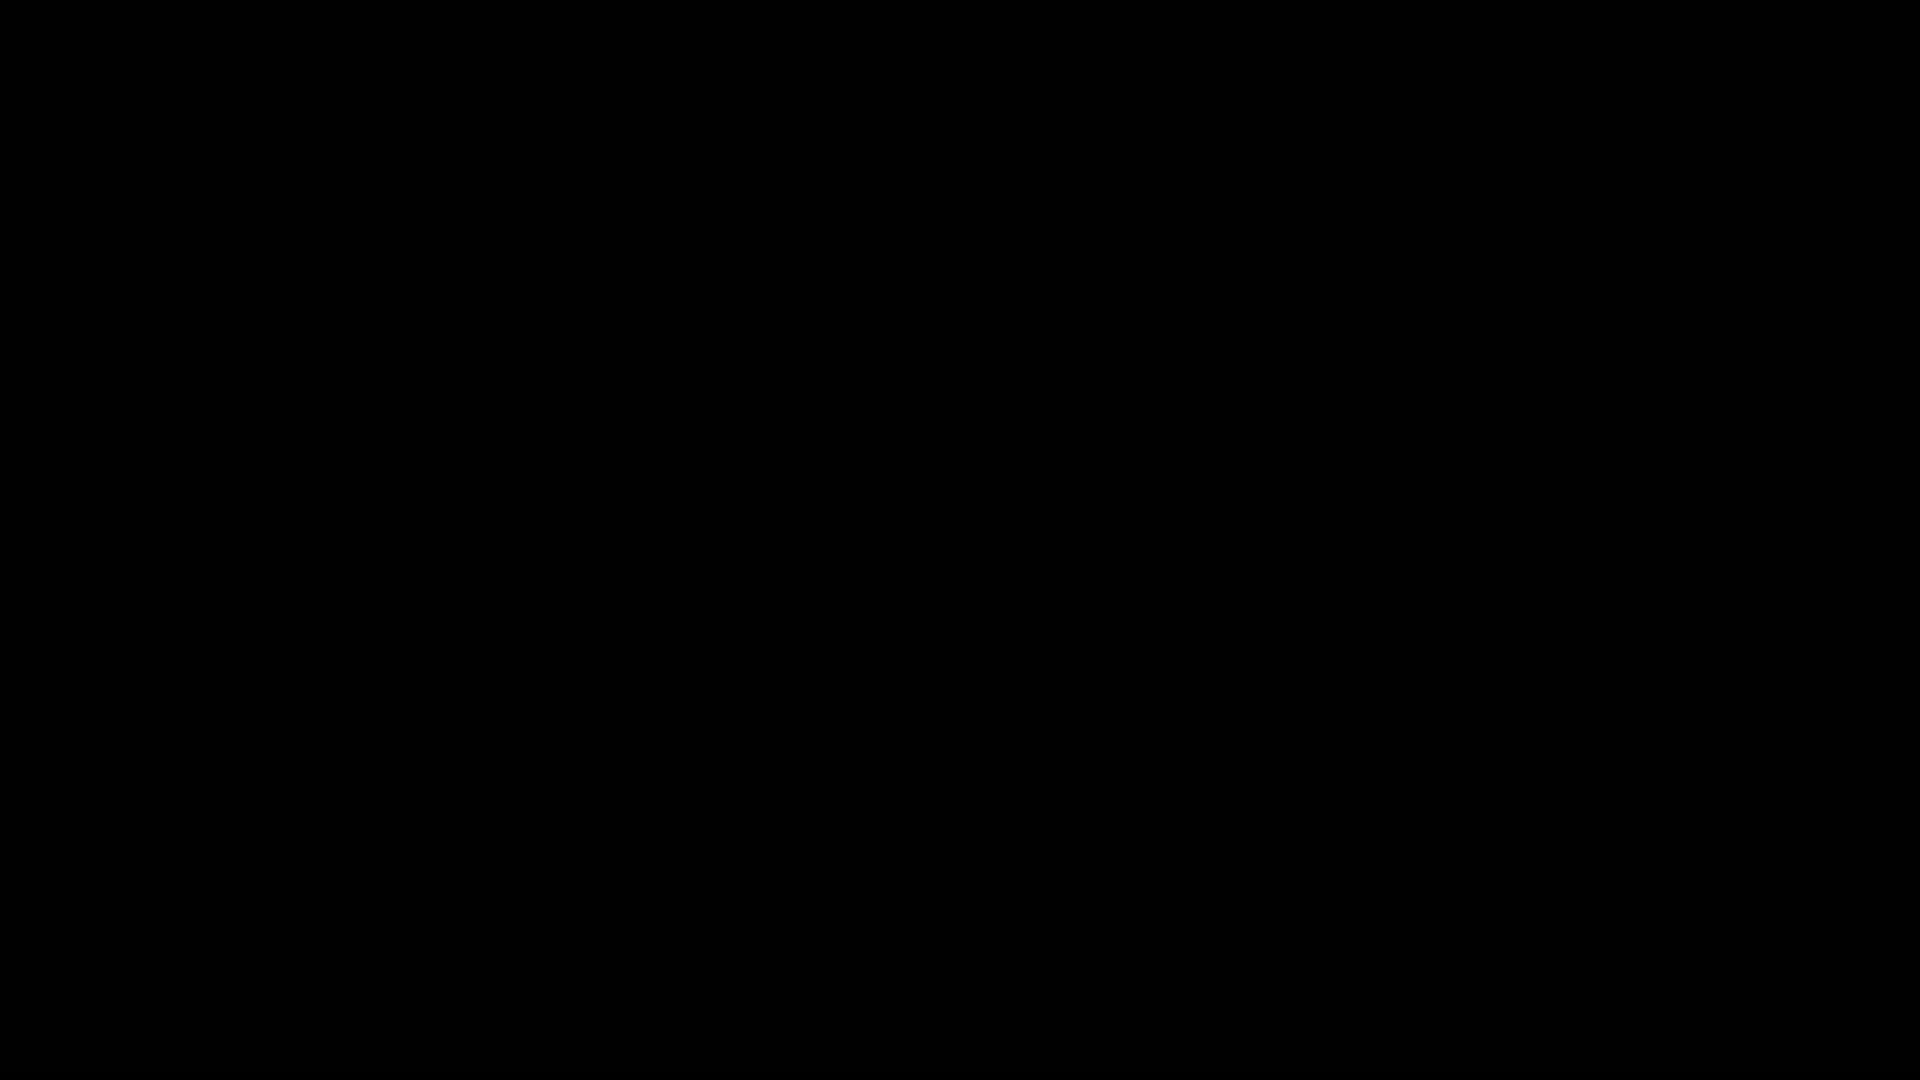 淫乱ロリっ娘・早苗ちゃん - 秋野早苗【正常位 駅弁 背面座位 騎乗位 バック 中出し】